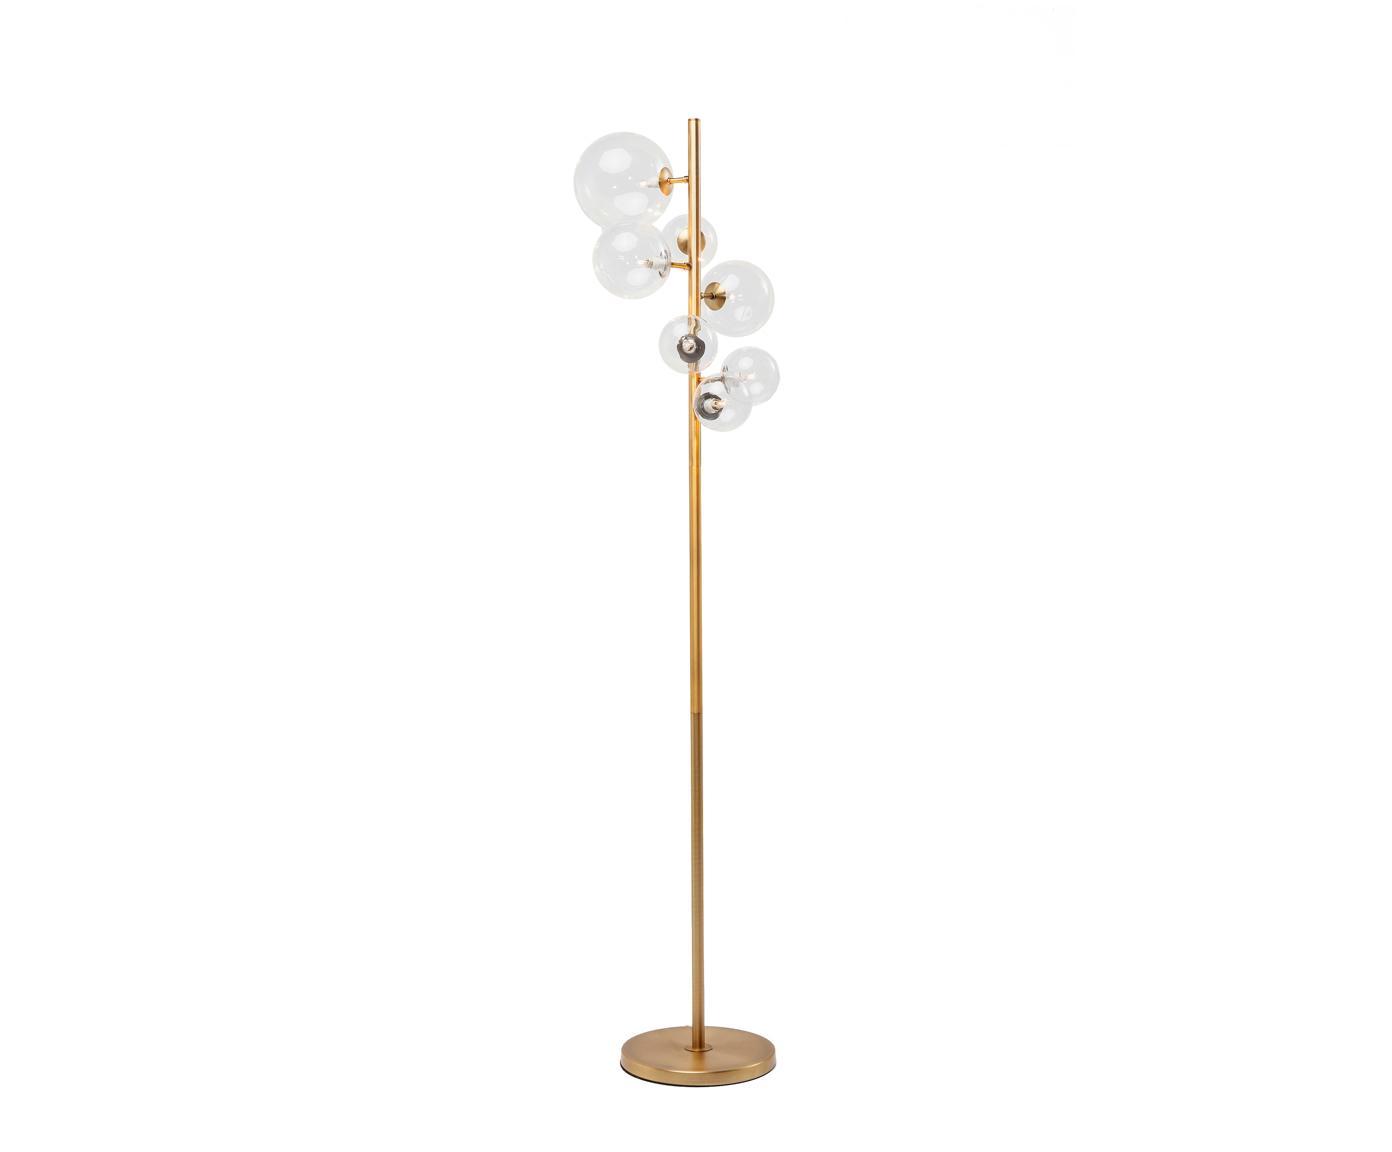 Lampa podłogowa Bello Sette, Klosz: transparentny Oprawy: biały Podstawa lampy: mosiądz, S 42 x W 162 cm